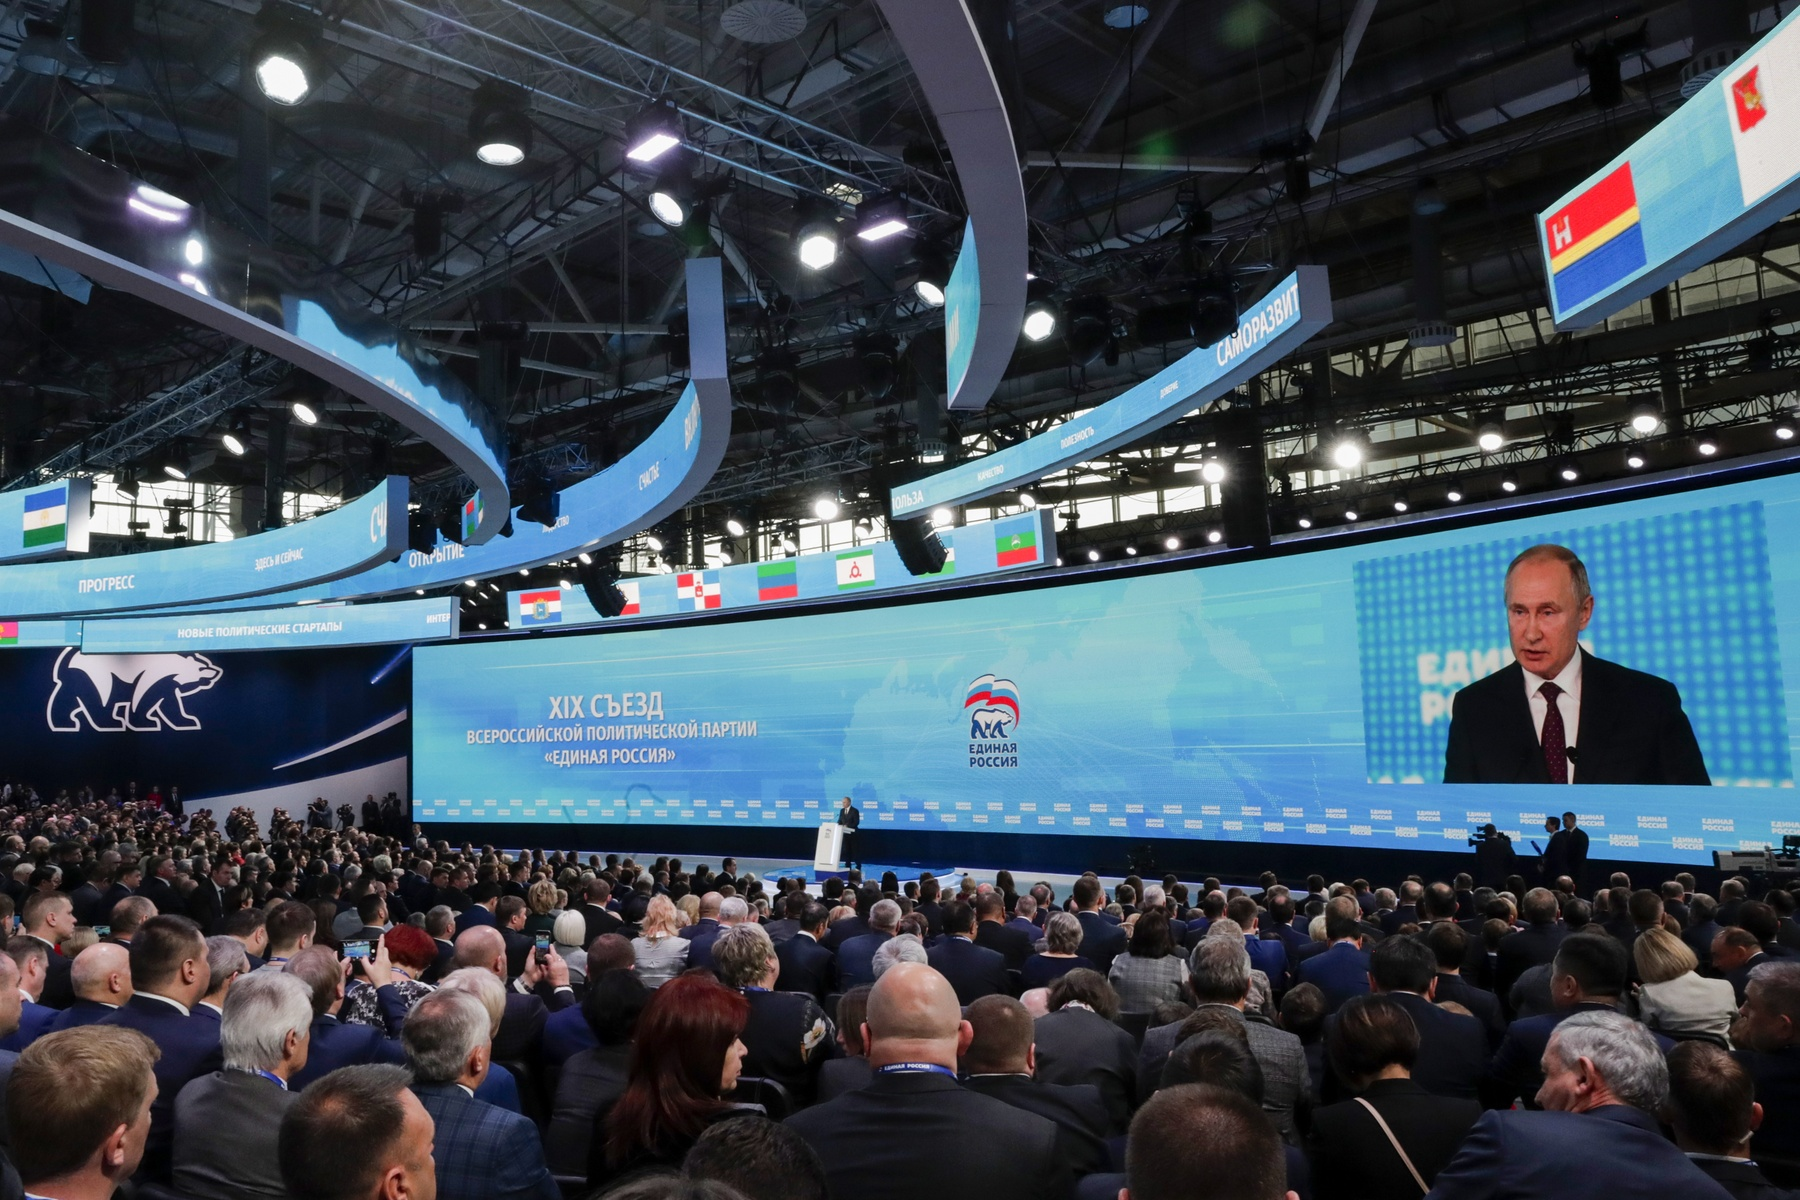 Пленарное заседание XIX Съезда партии «Единая Россия»